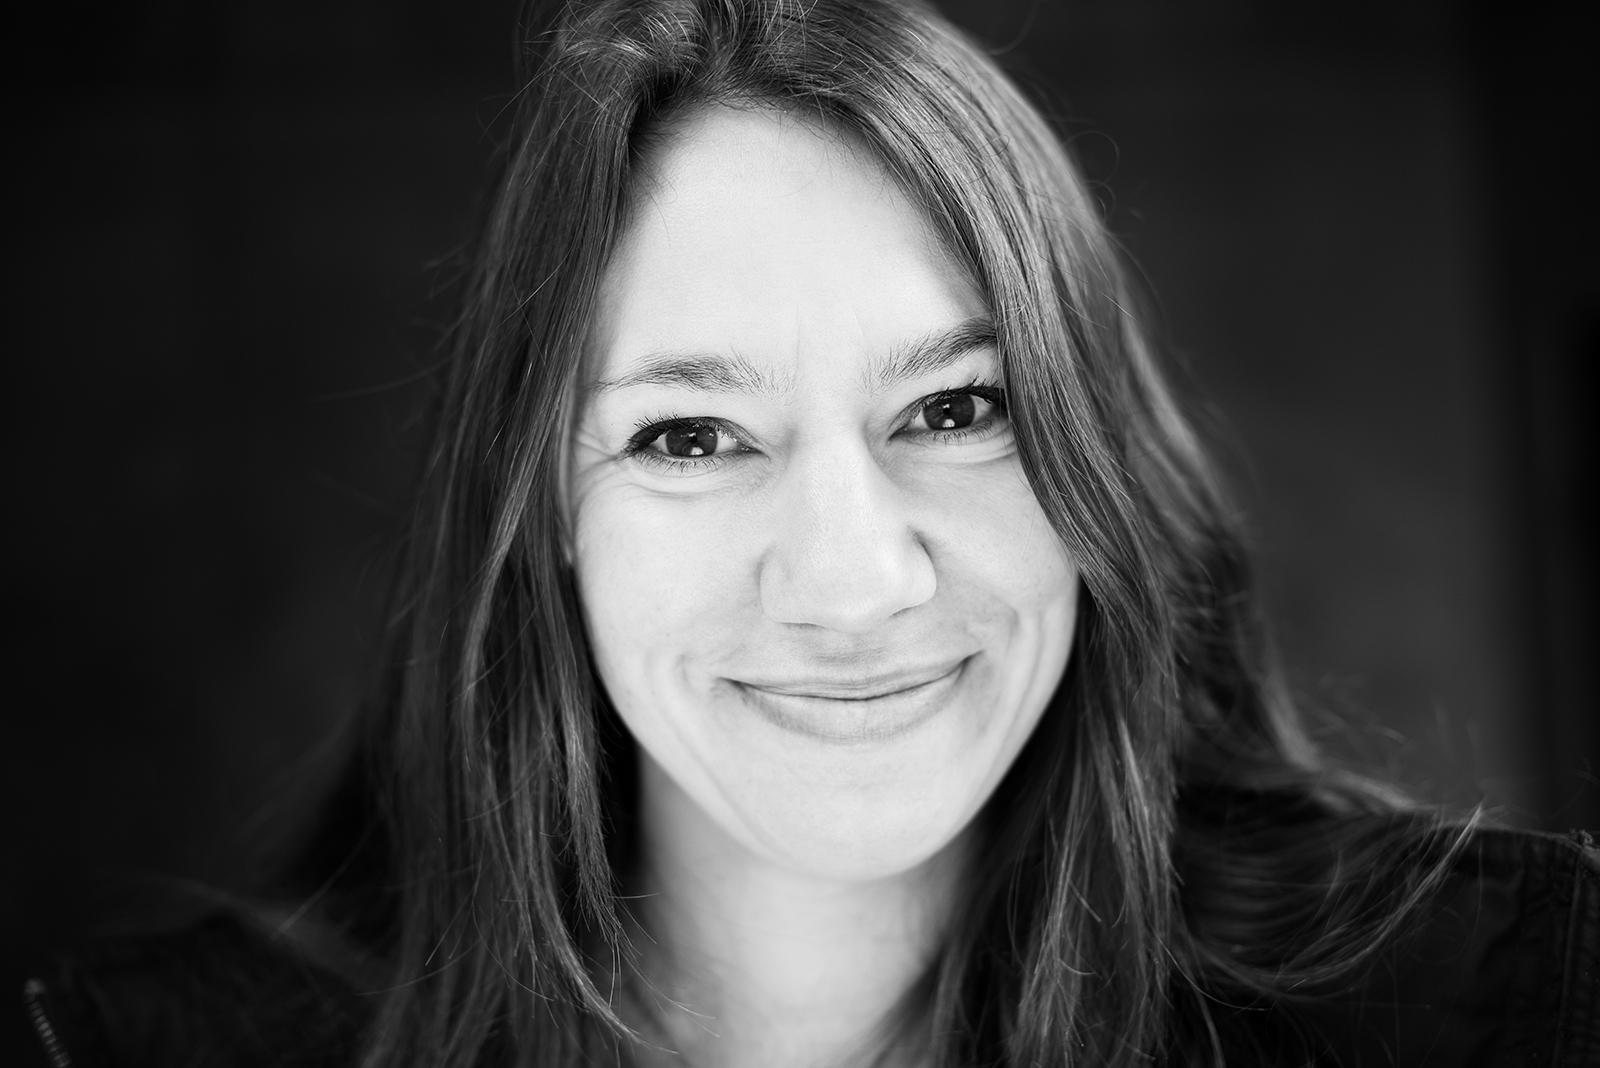 roxane-hennequin-photographe-oise-sebastien-roignant-workshop-portrait-paris